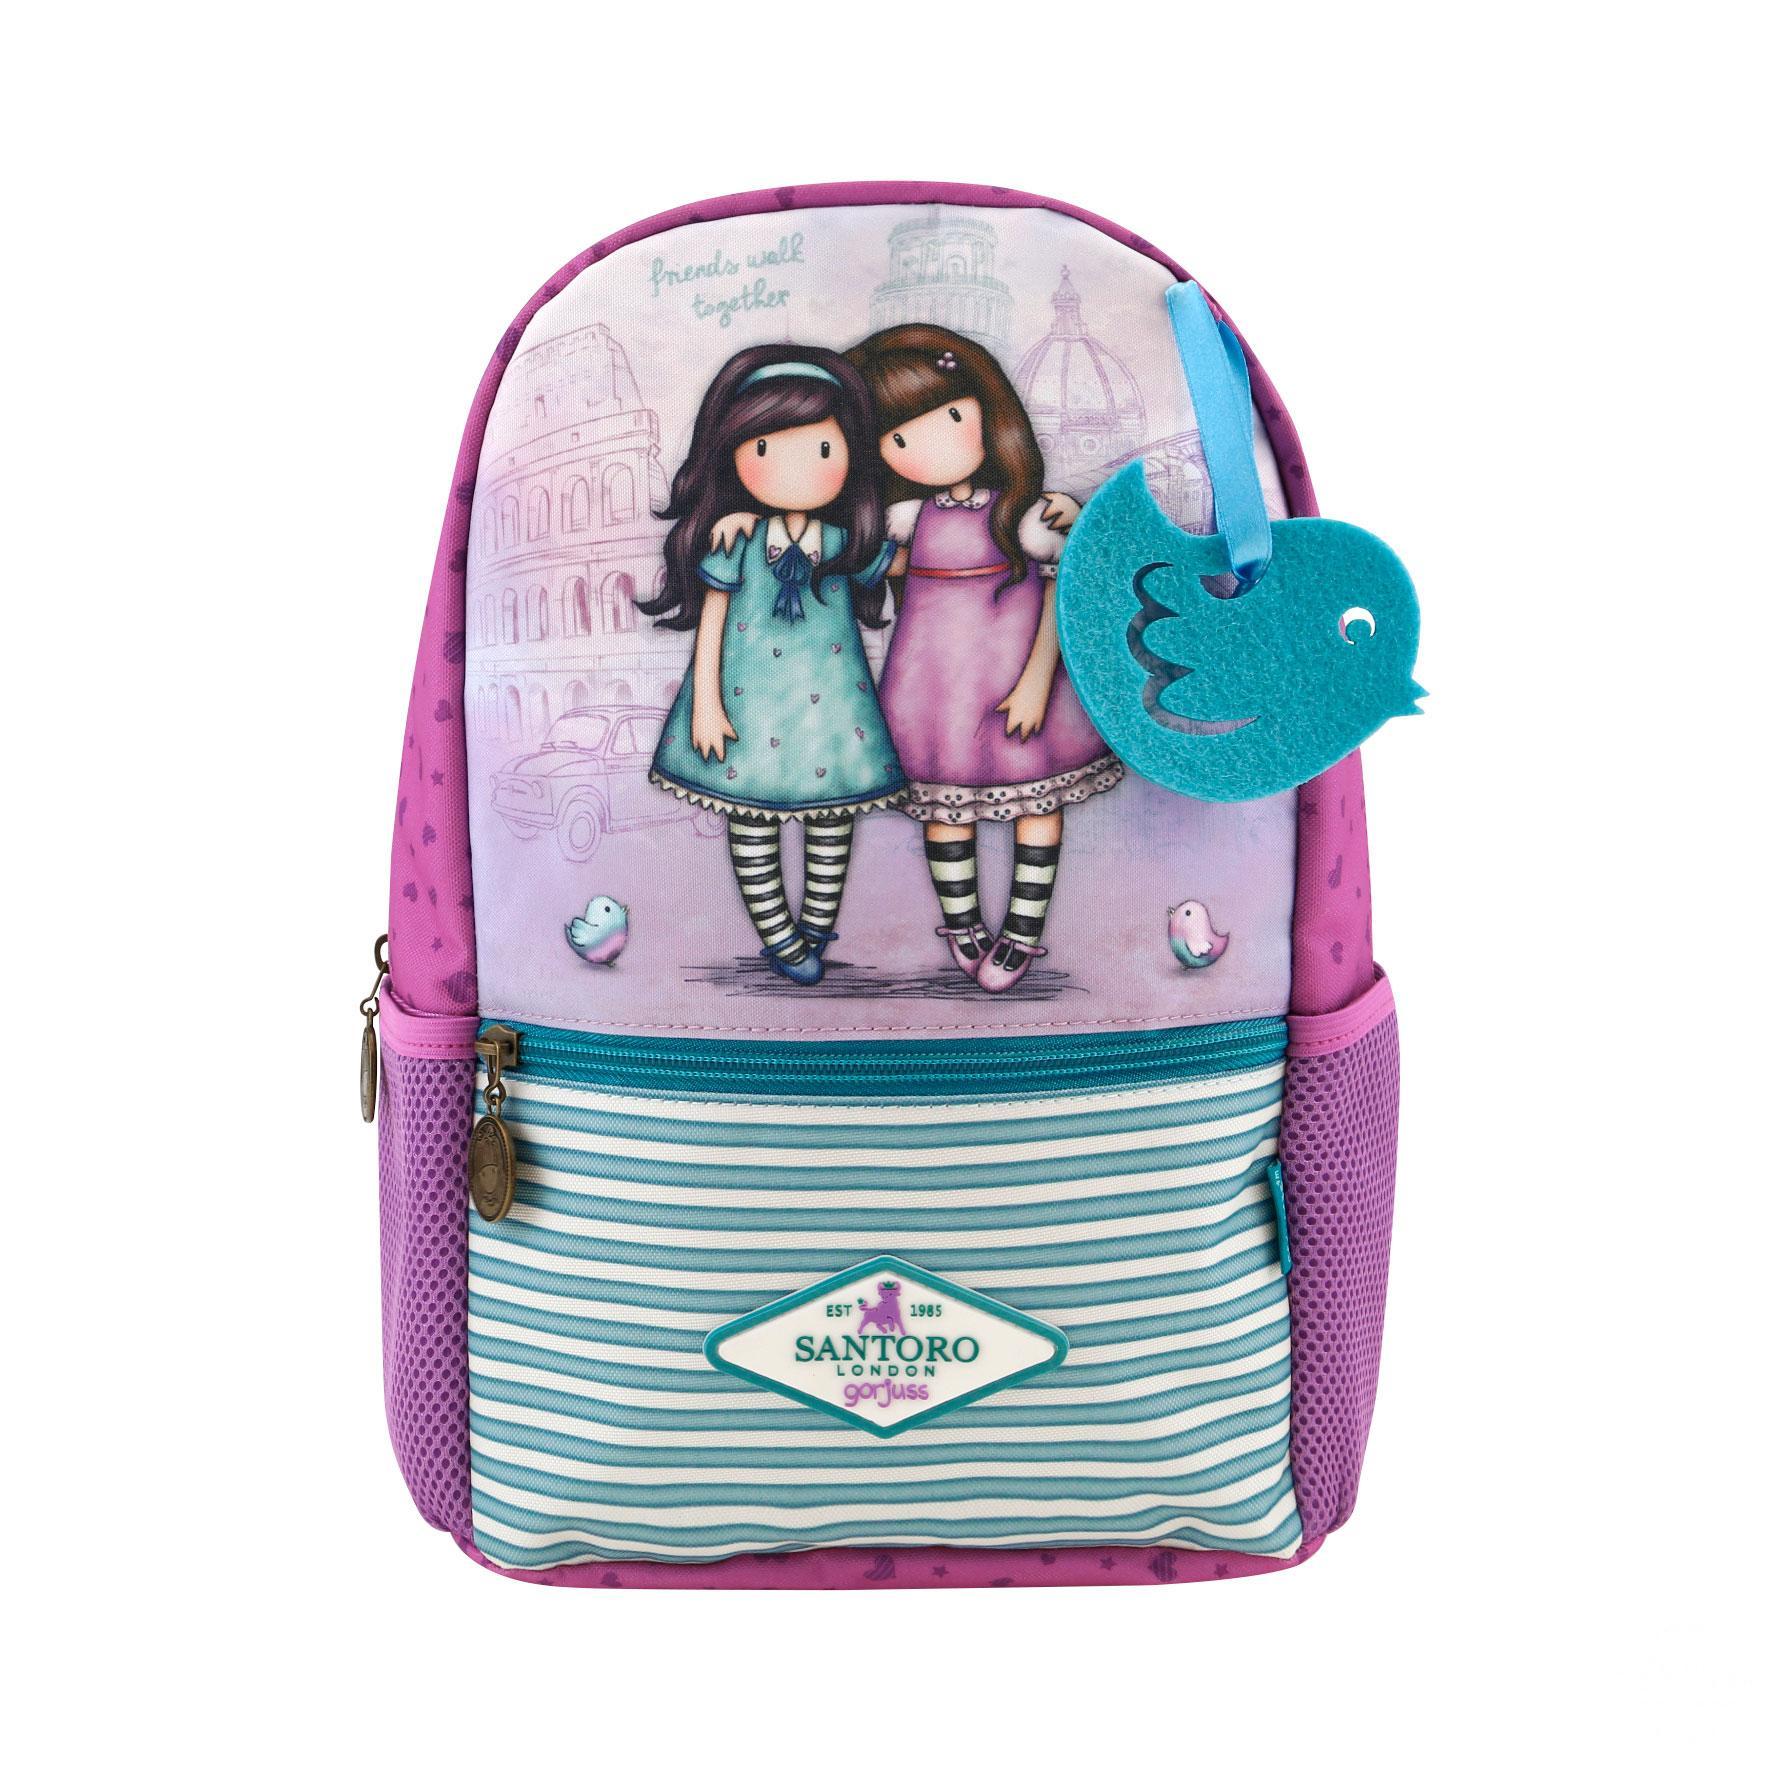 Купить Маленький рюкзак Cityscape - Friends Walk Together из серии Gorjuss, Santoro London